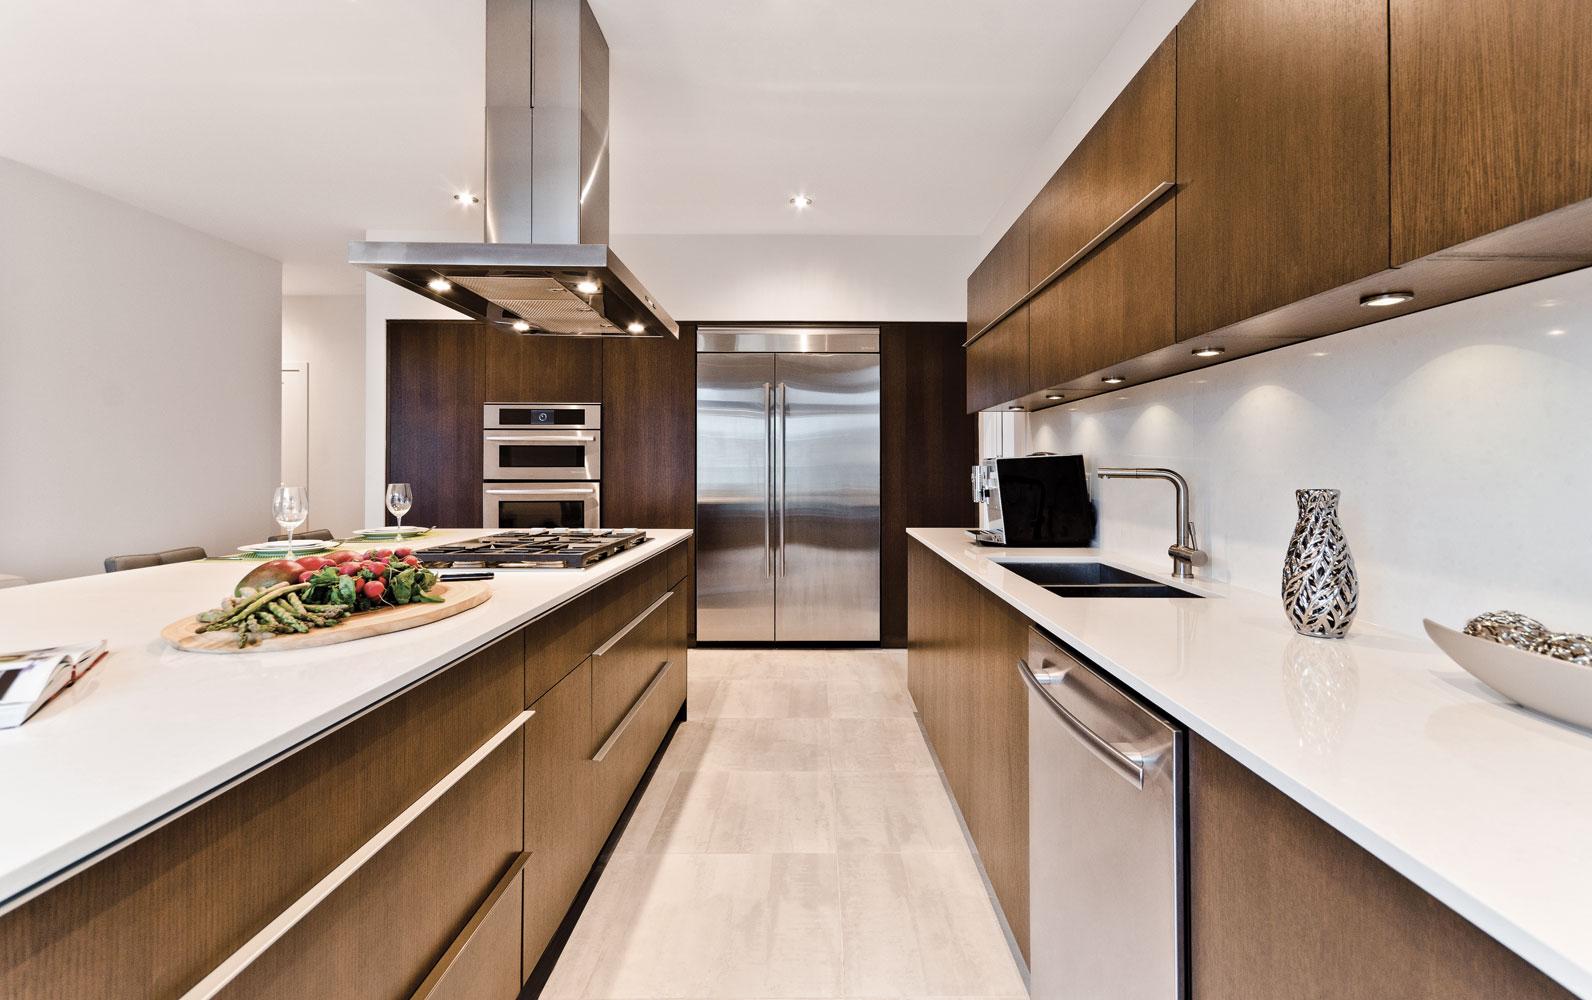 m10-decor-cuisine-enquartz